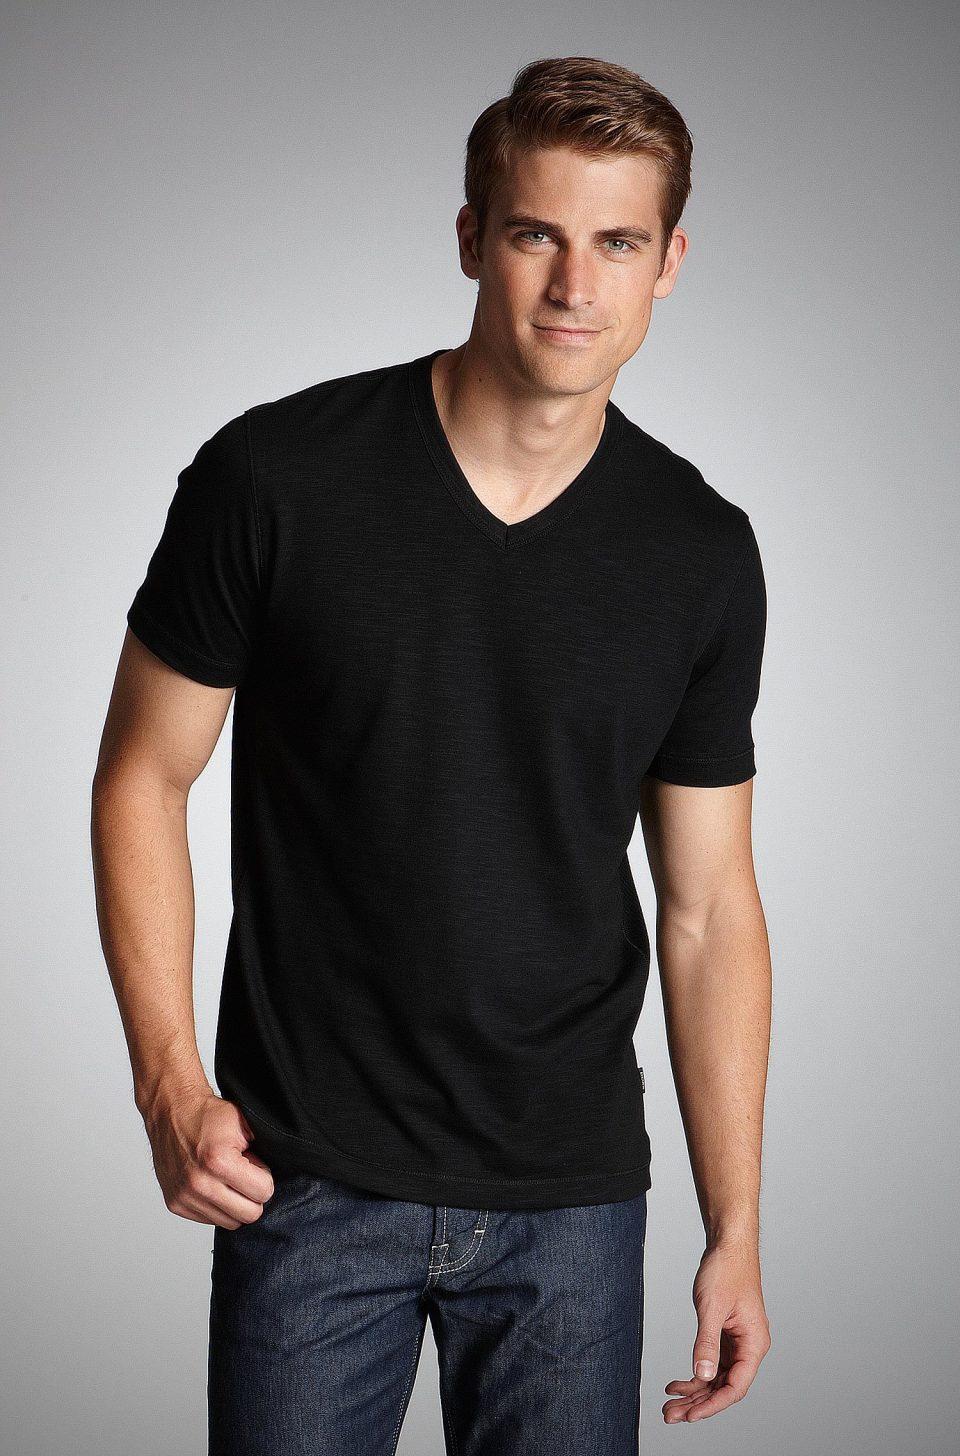 メンズファッションの標準装備「無地Tシャツ」のおすすめコーデ:これからの季節はこれで決まり! 9番目の画像